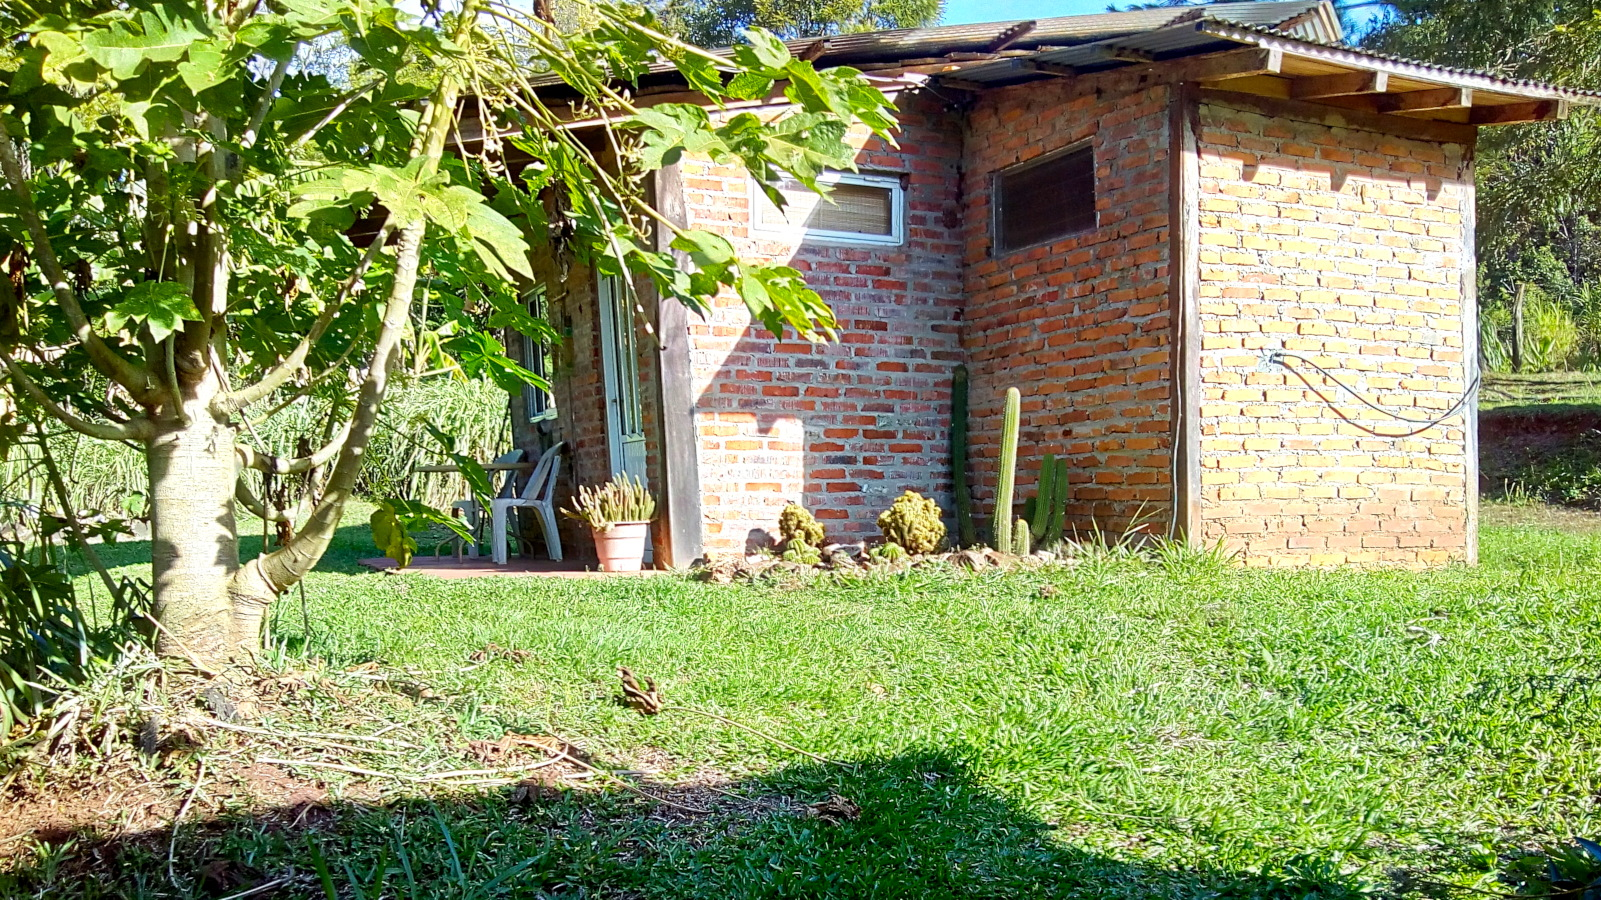 Vista exterior, plantas de mamón papaya, cabañas en El Soberbio, Misiones